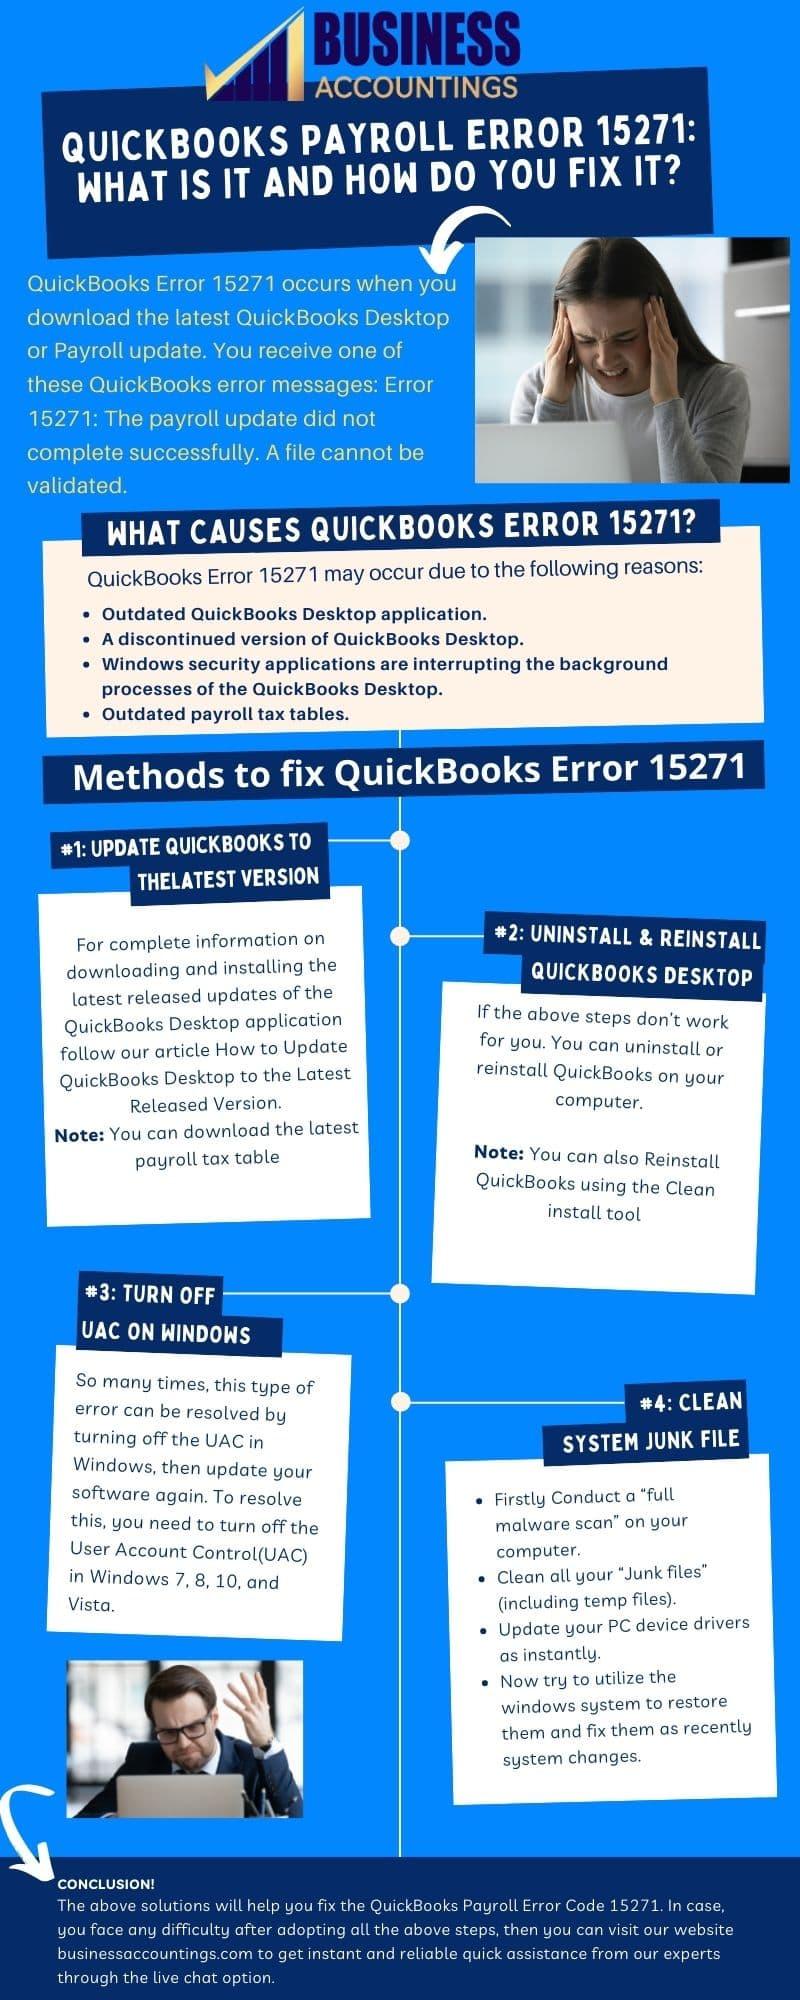 How to Fix The Quickbooks Error 15271